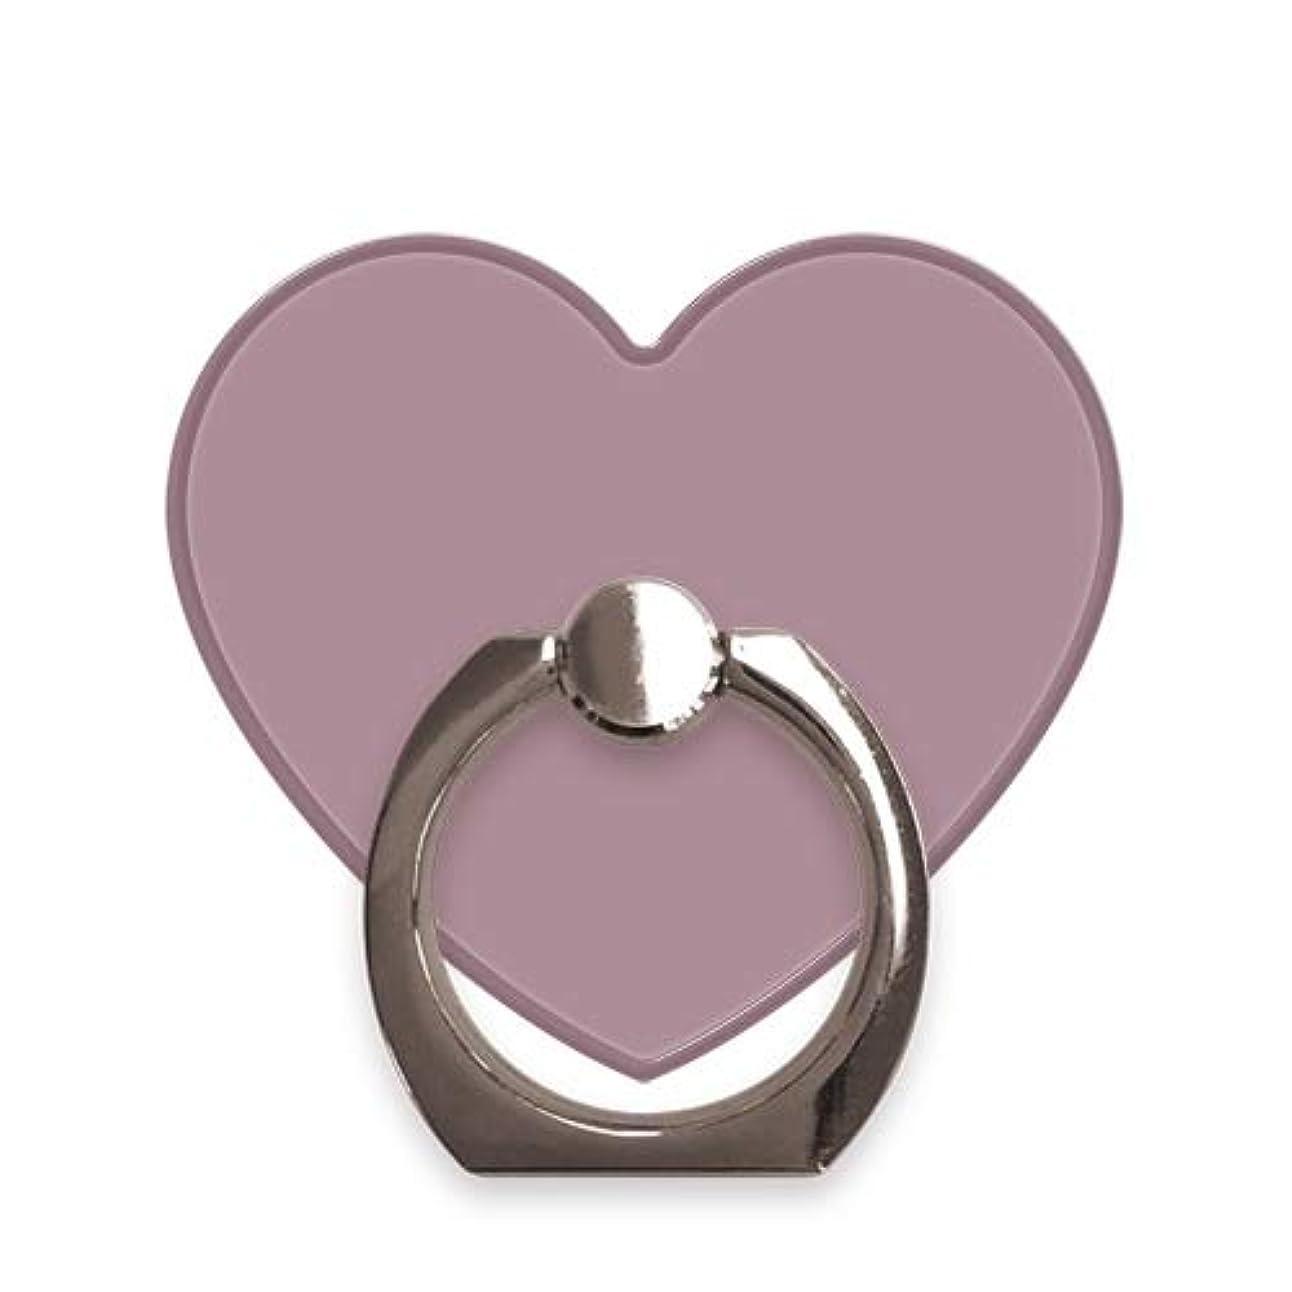 非難なぜなら容量Ciara(シアラ) MAUVE PINK ハートリング ハートリング 01 ci02043101-01-hr ci02043101-01-hr